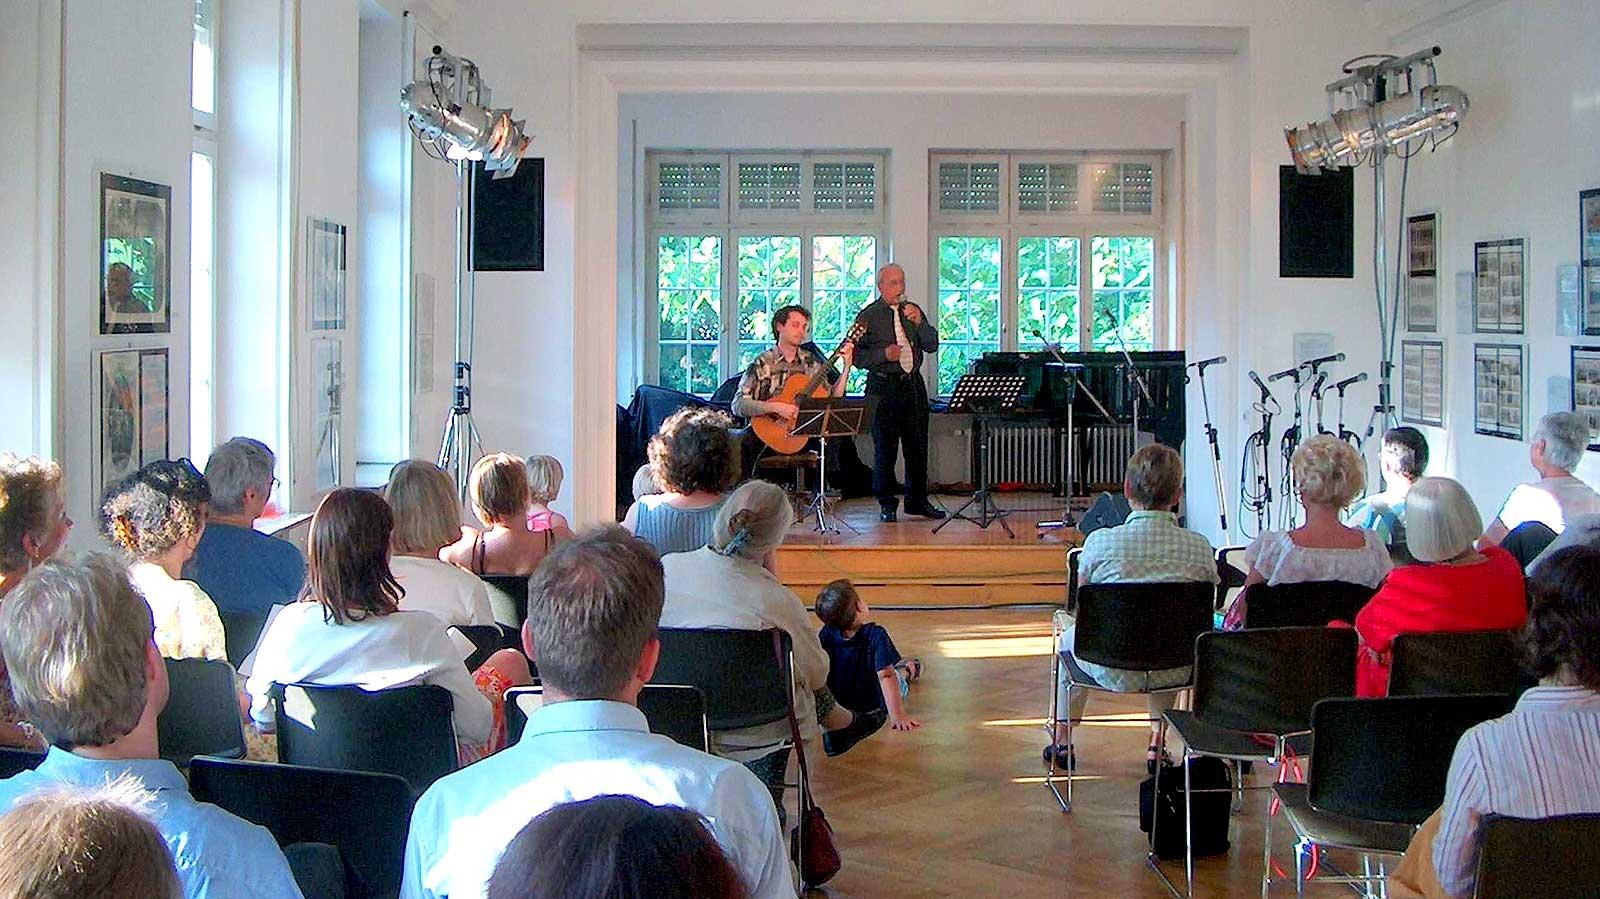 Fête-de-la-Musique-Chanson-Band-Stephane-et-Didier.jpg